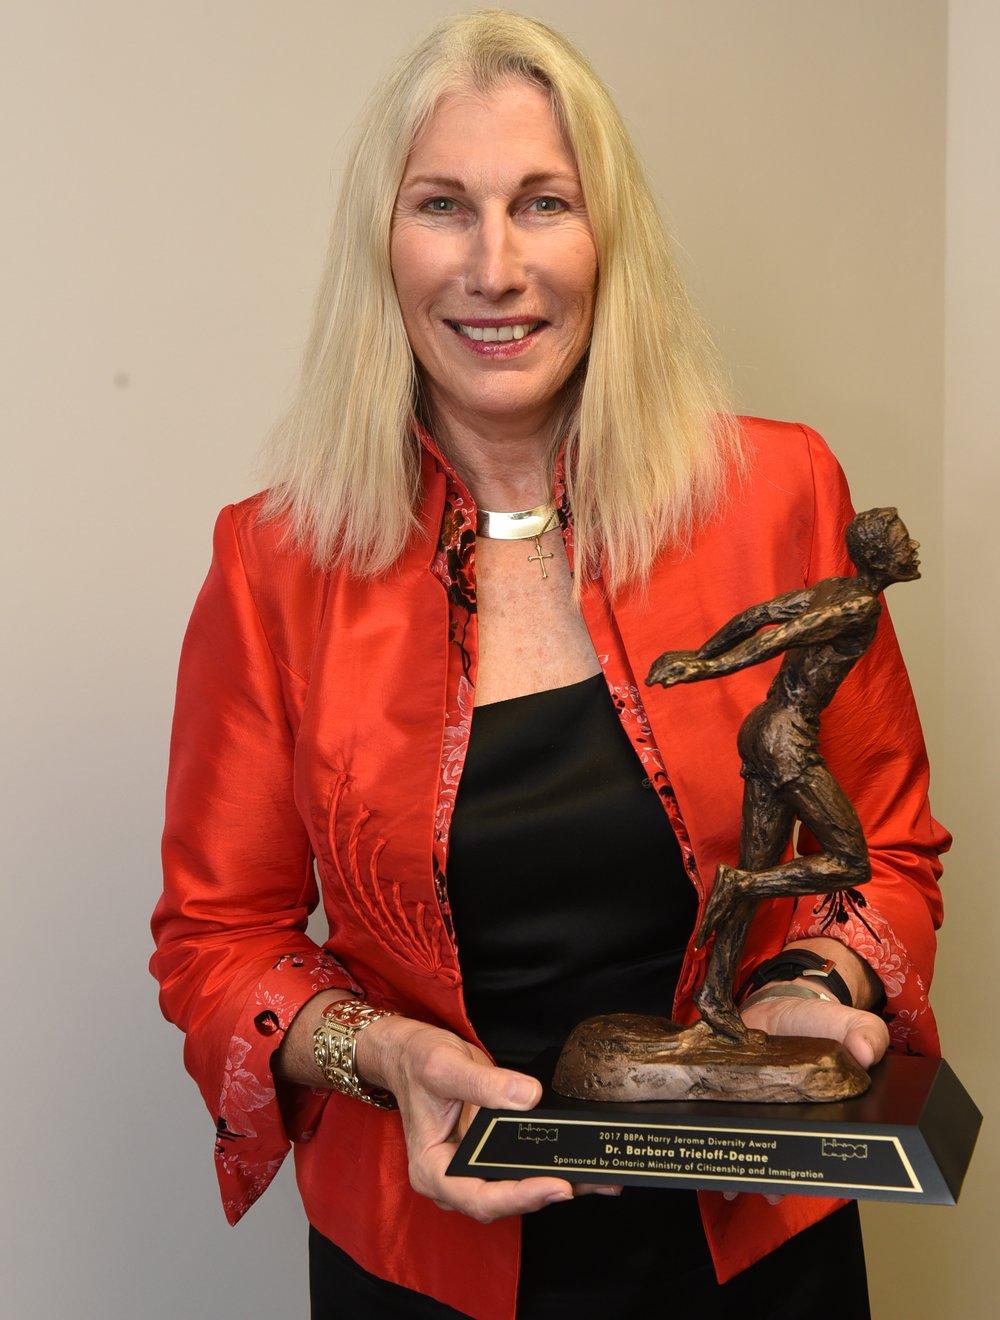 Dr. Barbara Trieloff-Deane